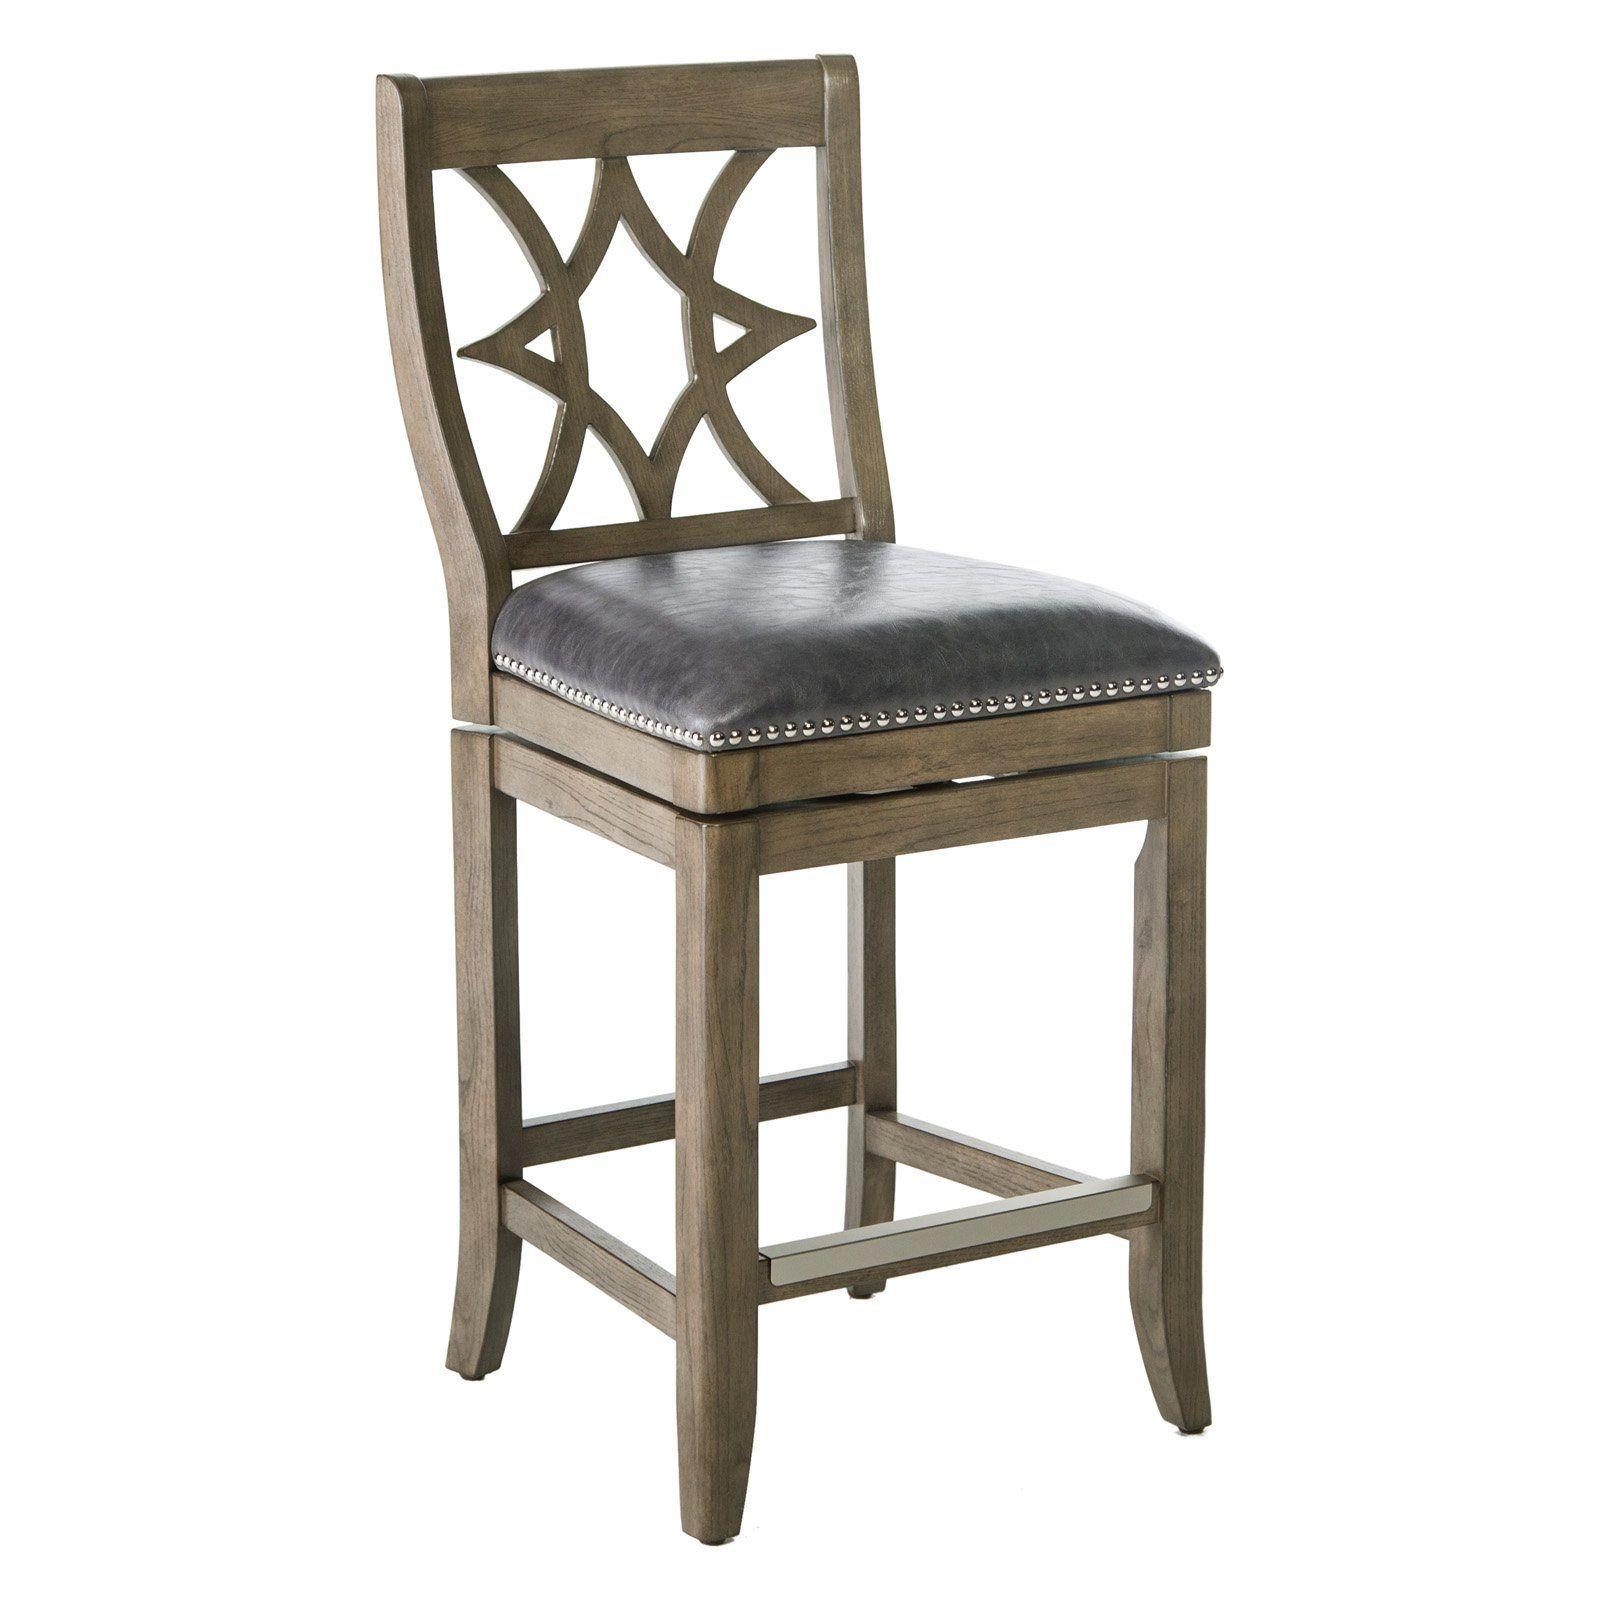 Belham Living Oliver Square Seat Swivel Counter Stool Swivel